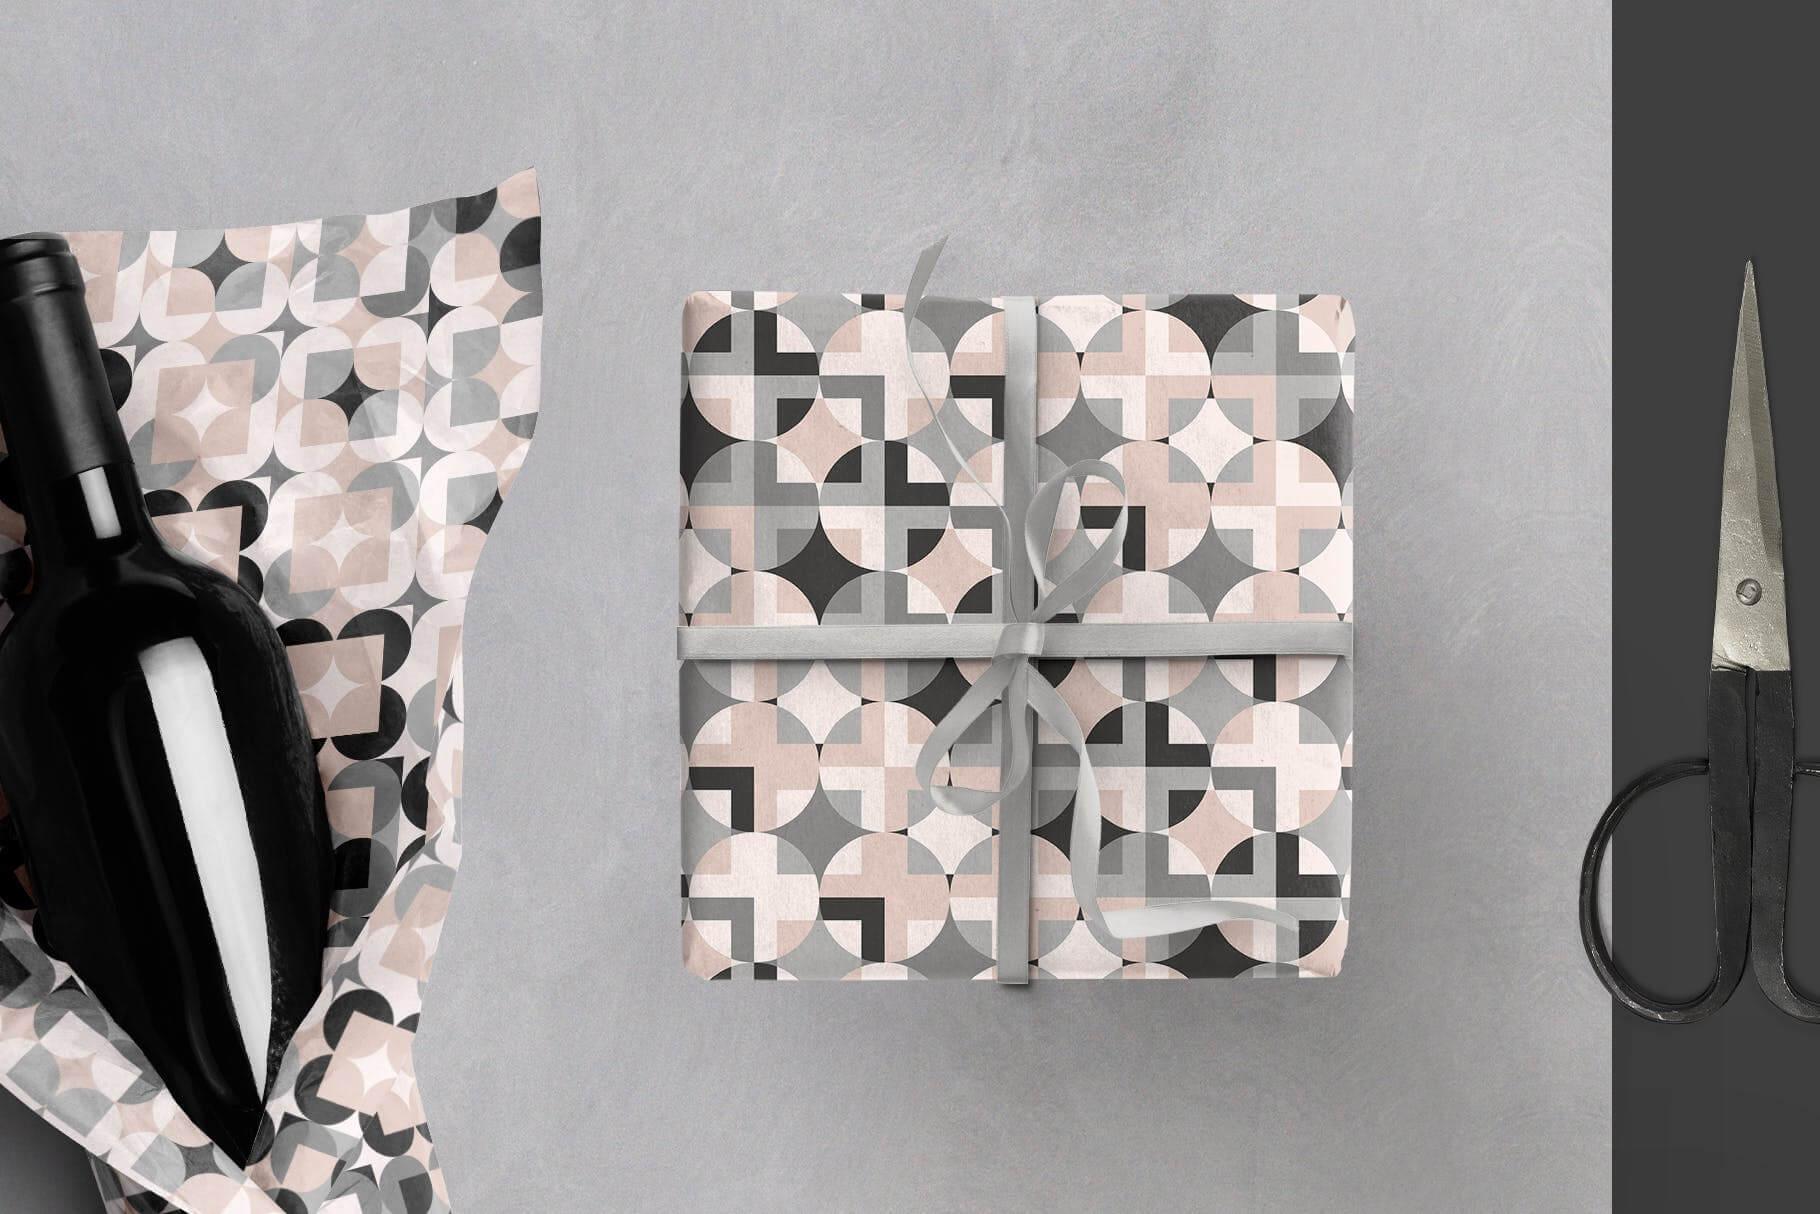 布艺面料装饰纹理图案花纹品牌辅助图形Geometric Play Patterns Tiles插图(5)